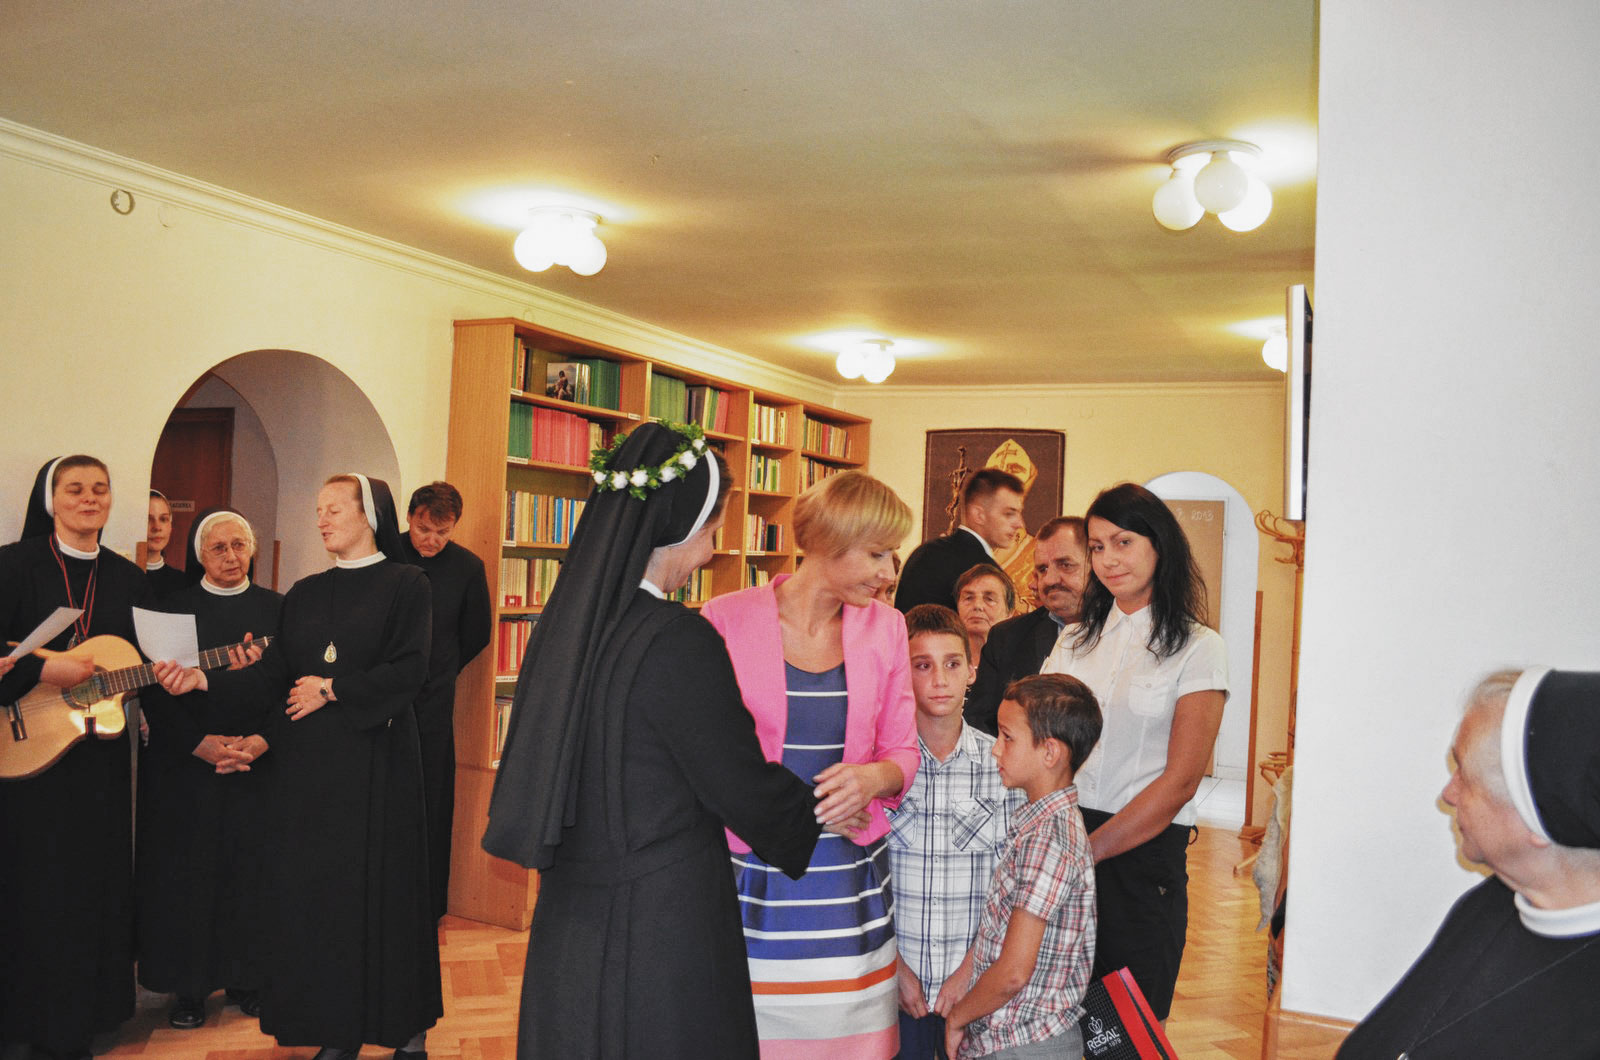 Sióstr_św_Elżbiety-Pierwsze_Śluby_fotorelacja-I-SLUBY-DSC_0625-min.jpg